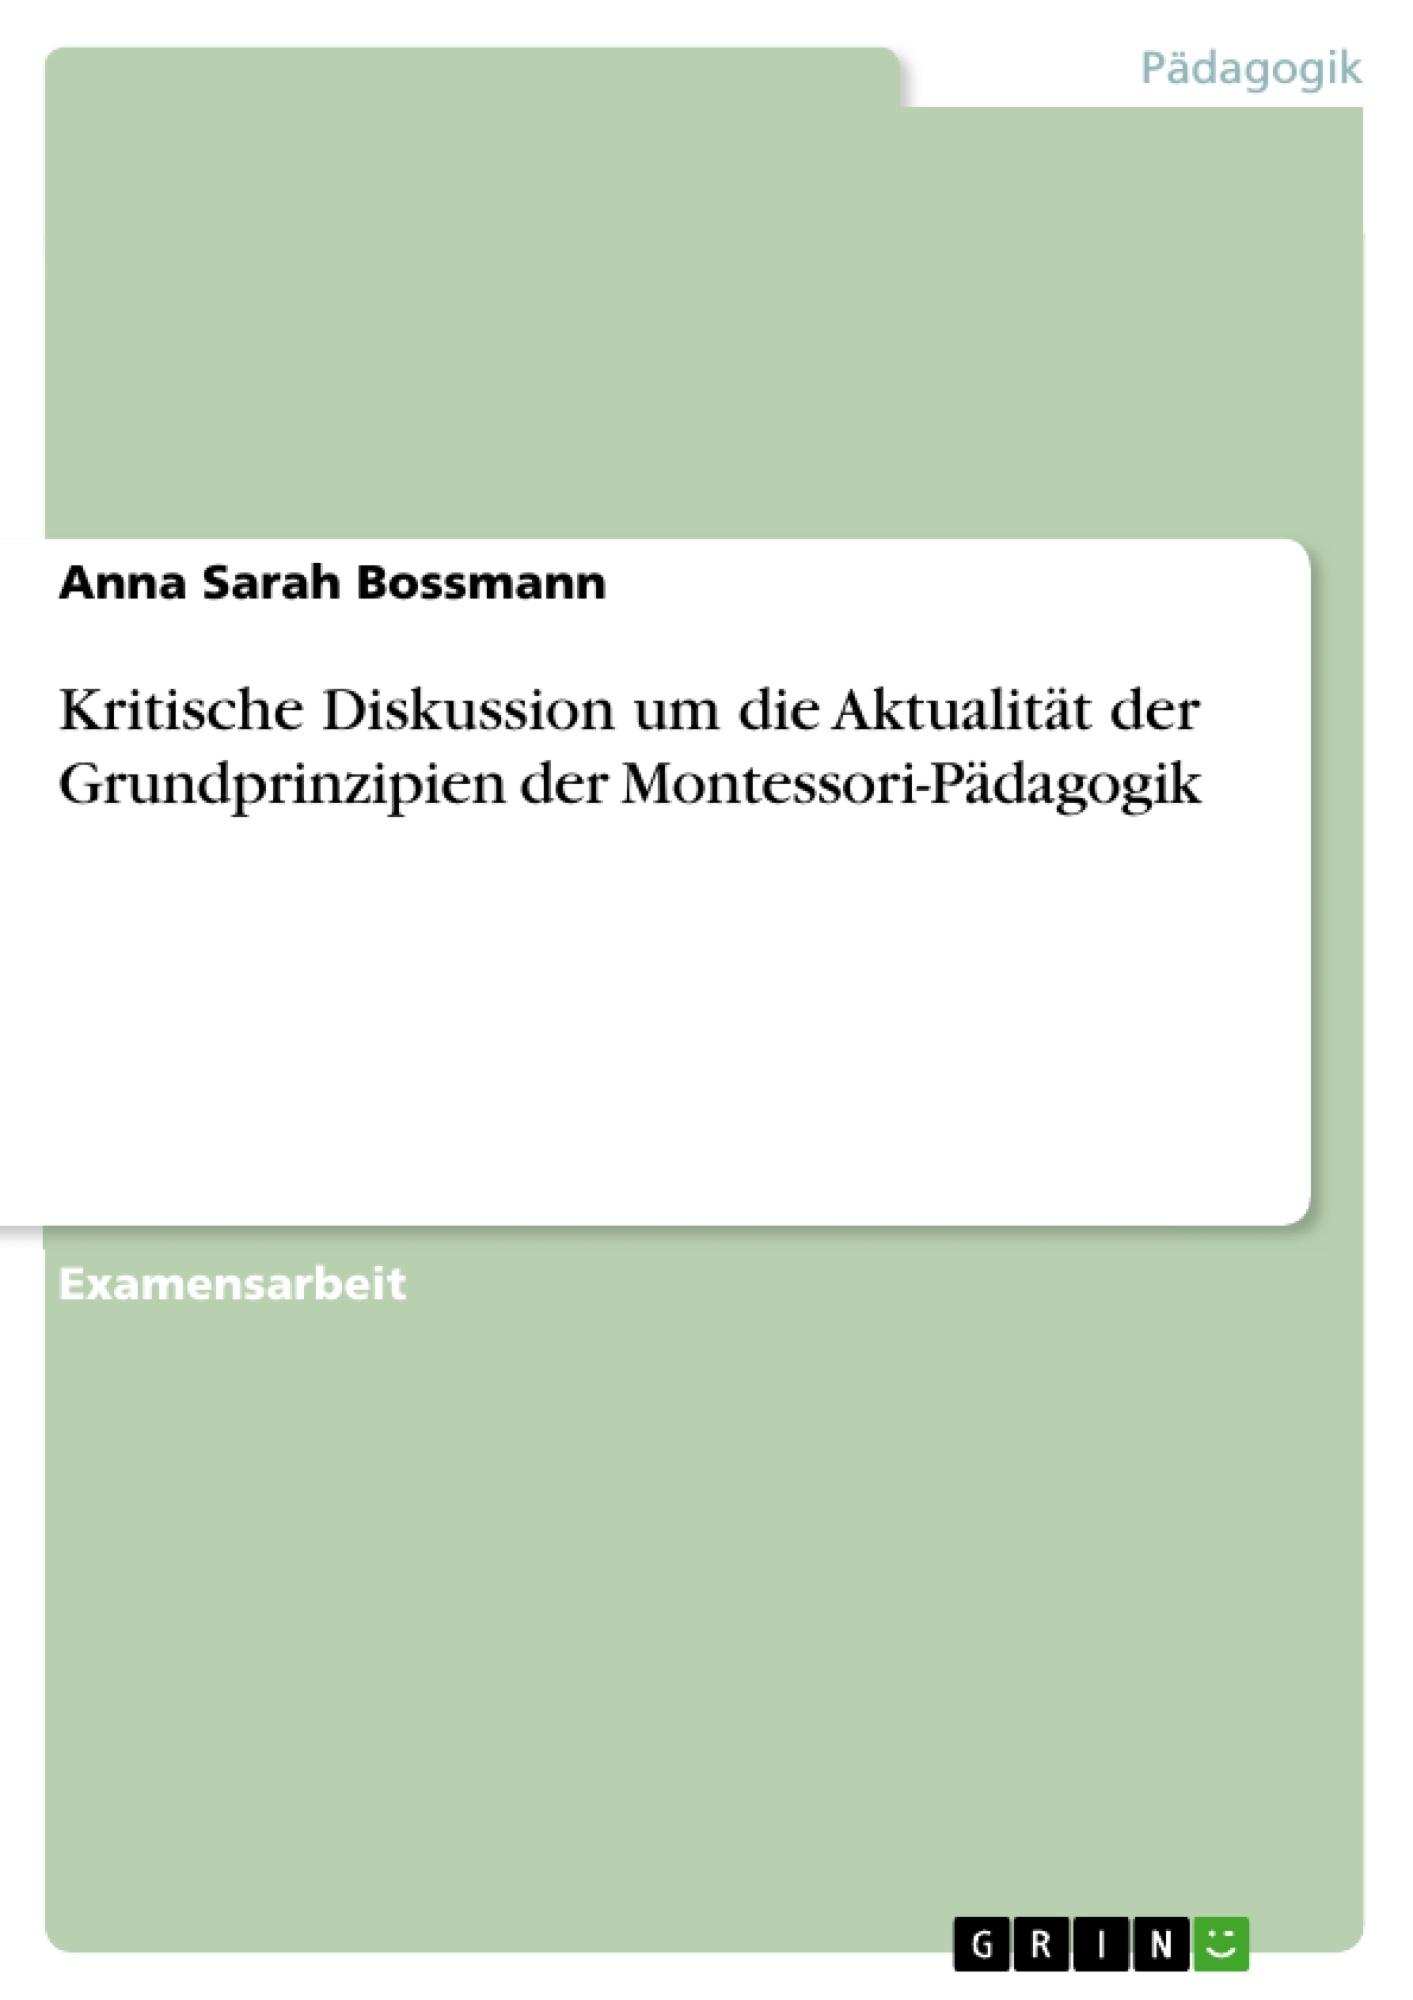 Titel: Kritische Diskussion um die Aktualität der Grundprinzipien der Montessori-Pädagogik